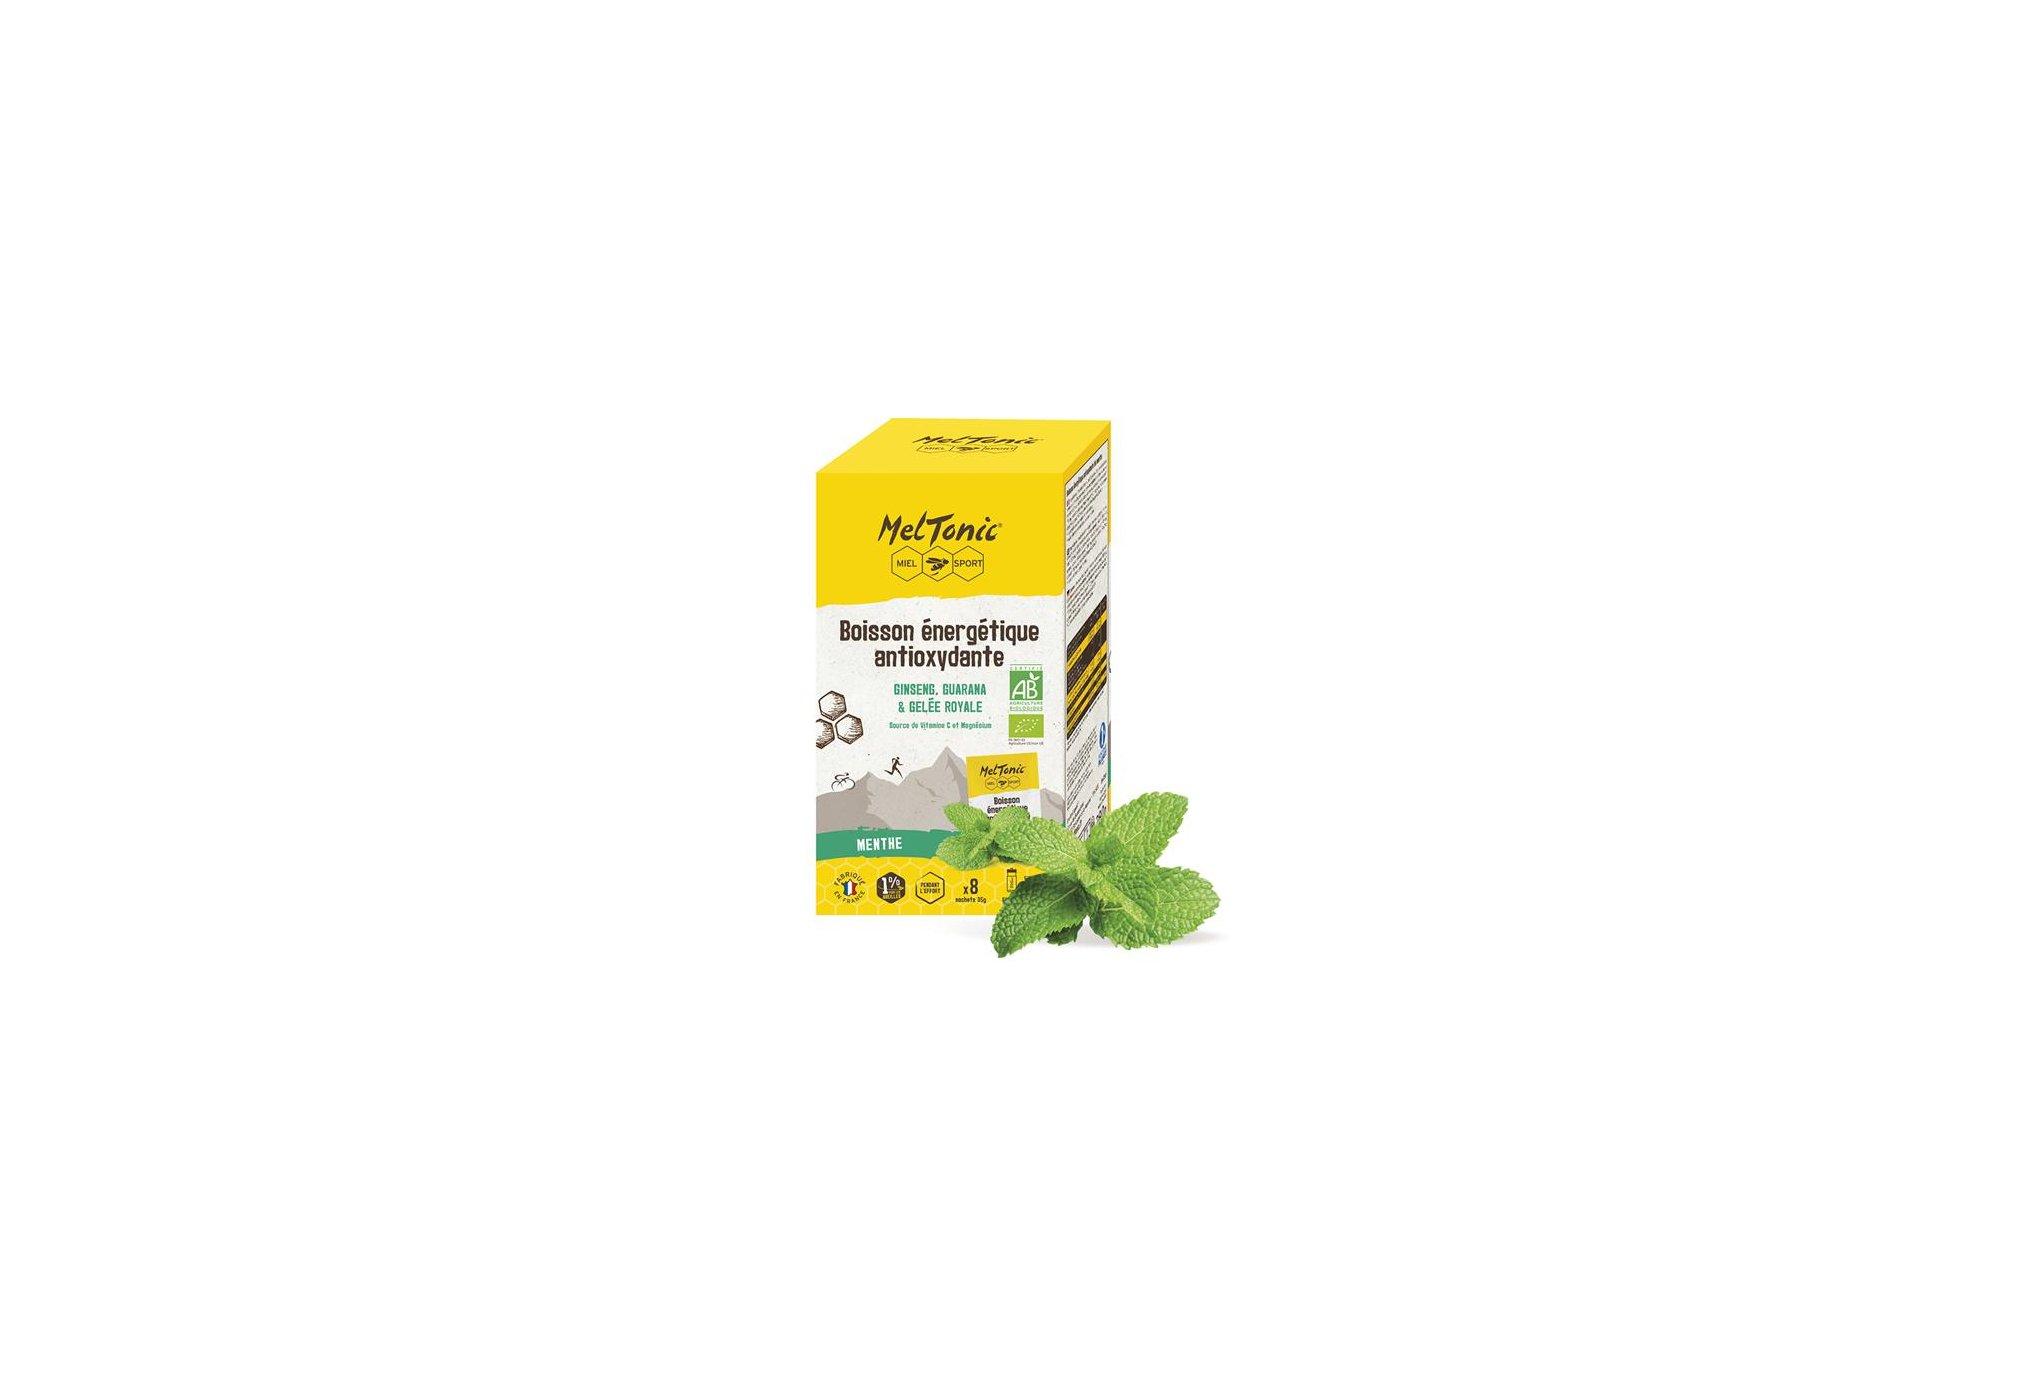 MelTonic Boisson Energétique Antioxydante Bio - Menthe Diététique Boissons